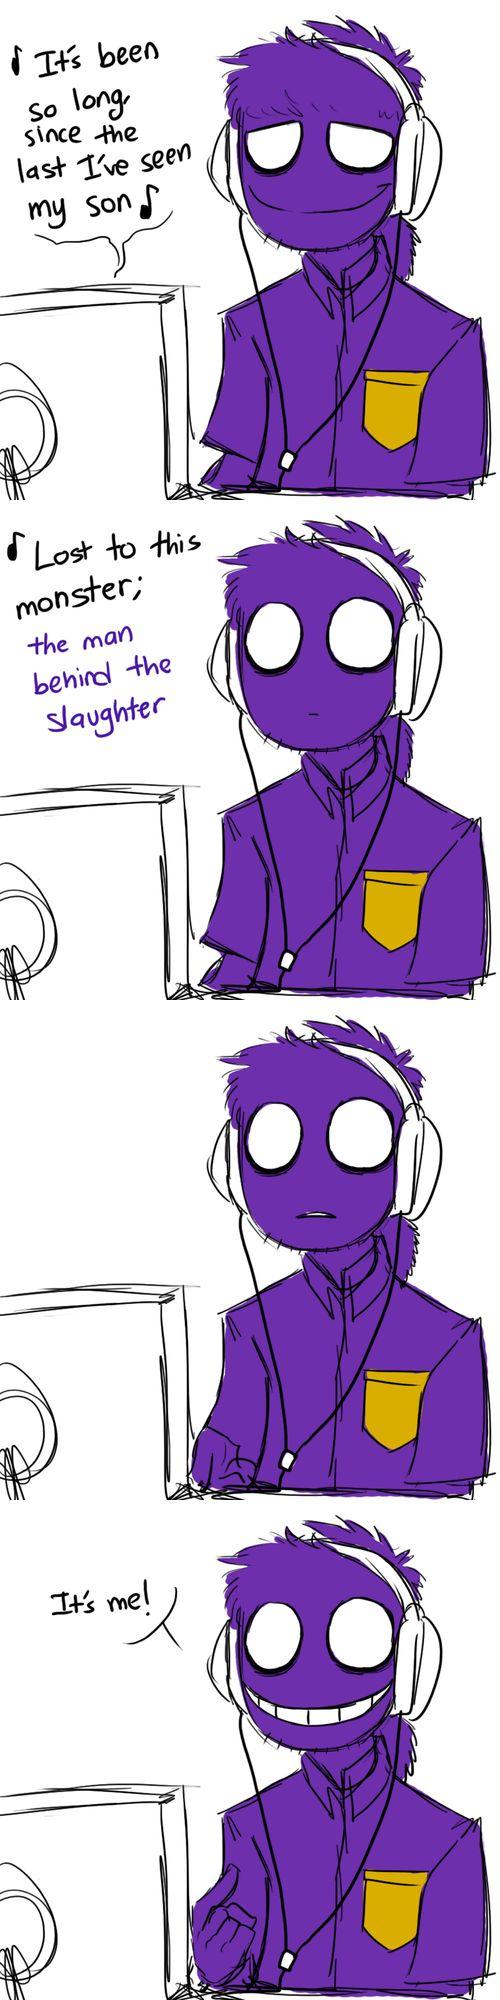 Phone guy x purple guy fanfic lemon - Vincent Purple Guy Fnaf Pinterest Fnaf And Freddy S